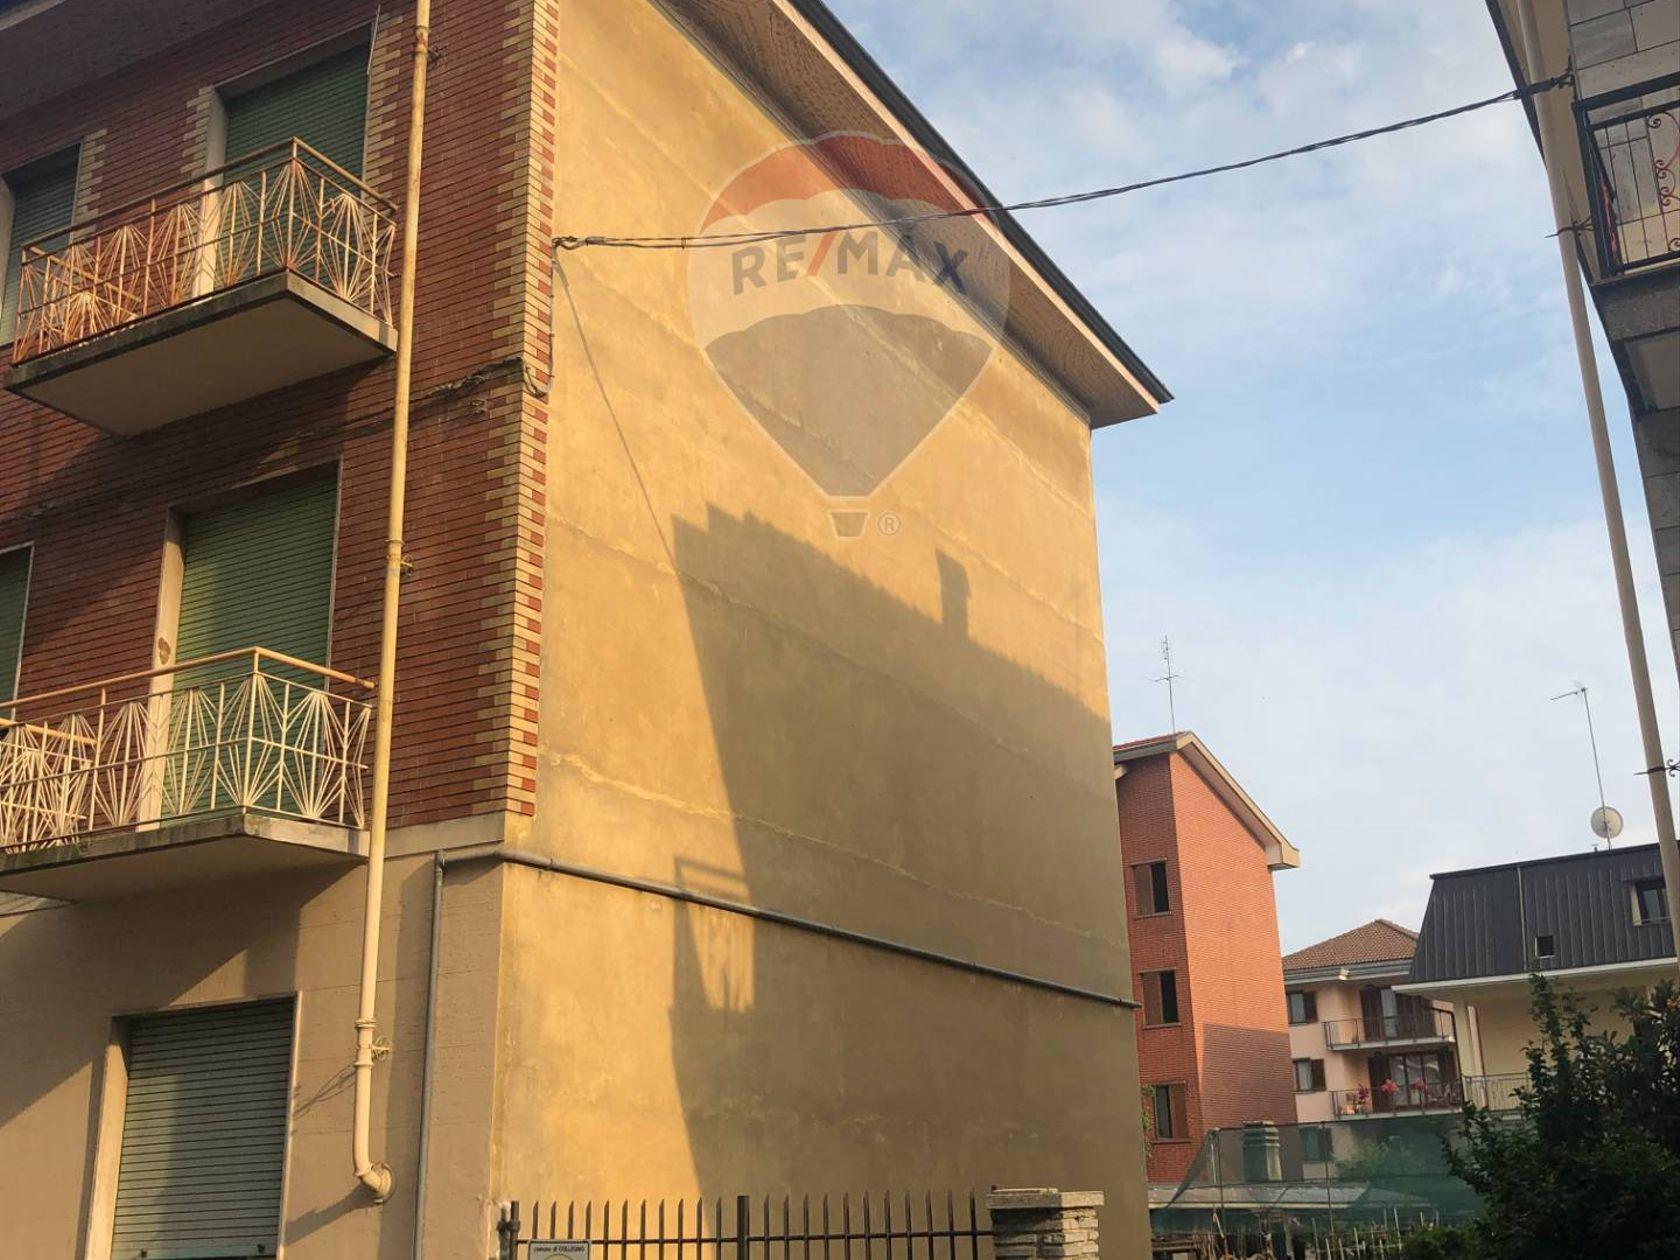 Casa Indipendente Santa Maria, Collegno, TO Vendita - Foto 4